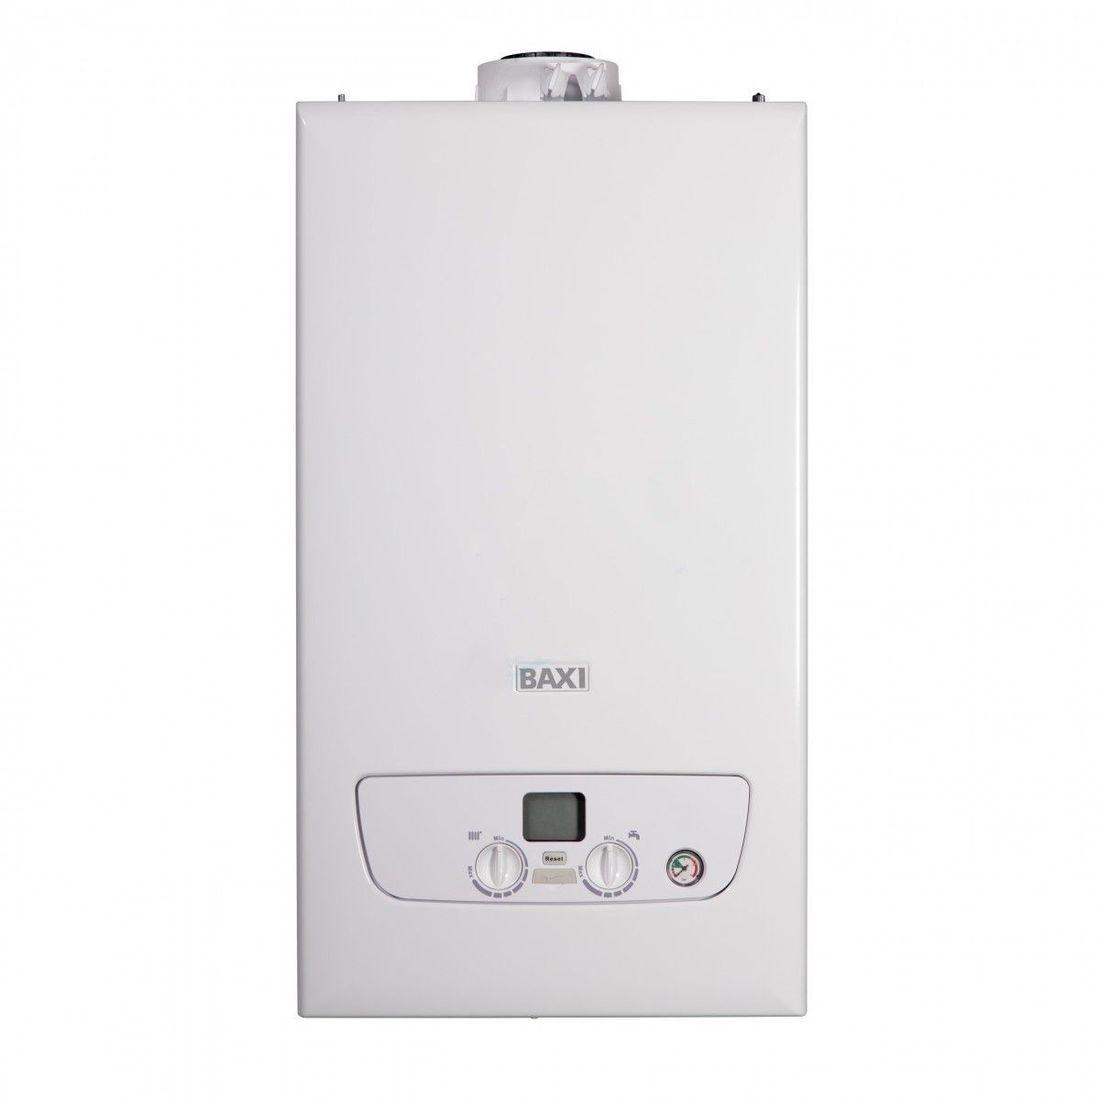 Baxi 800